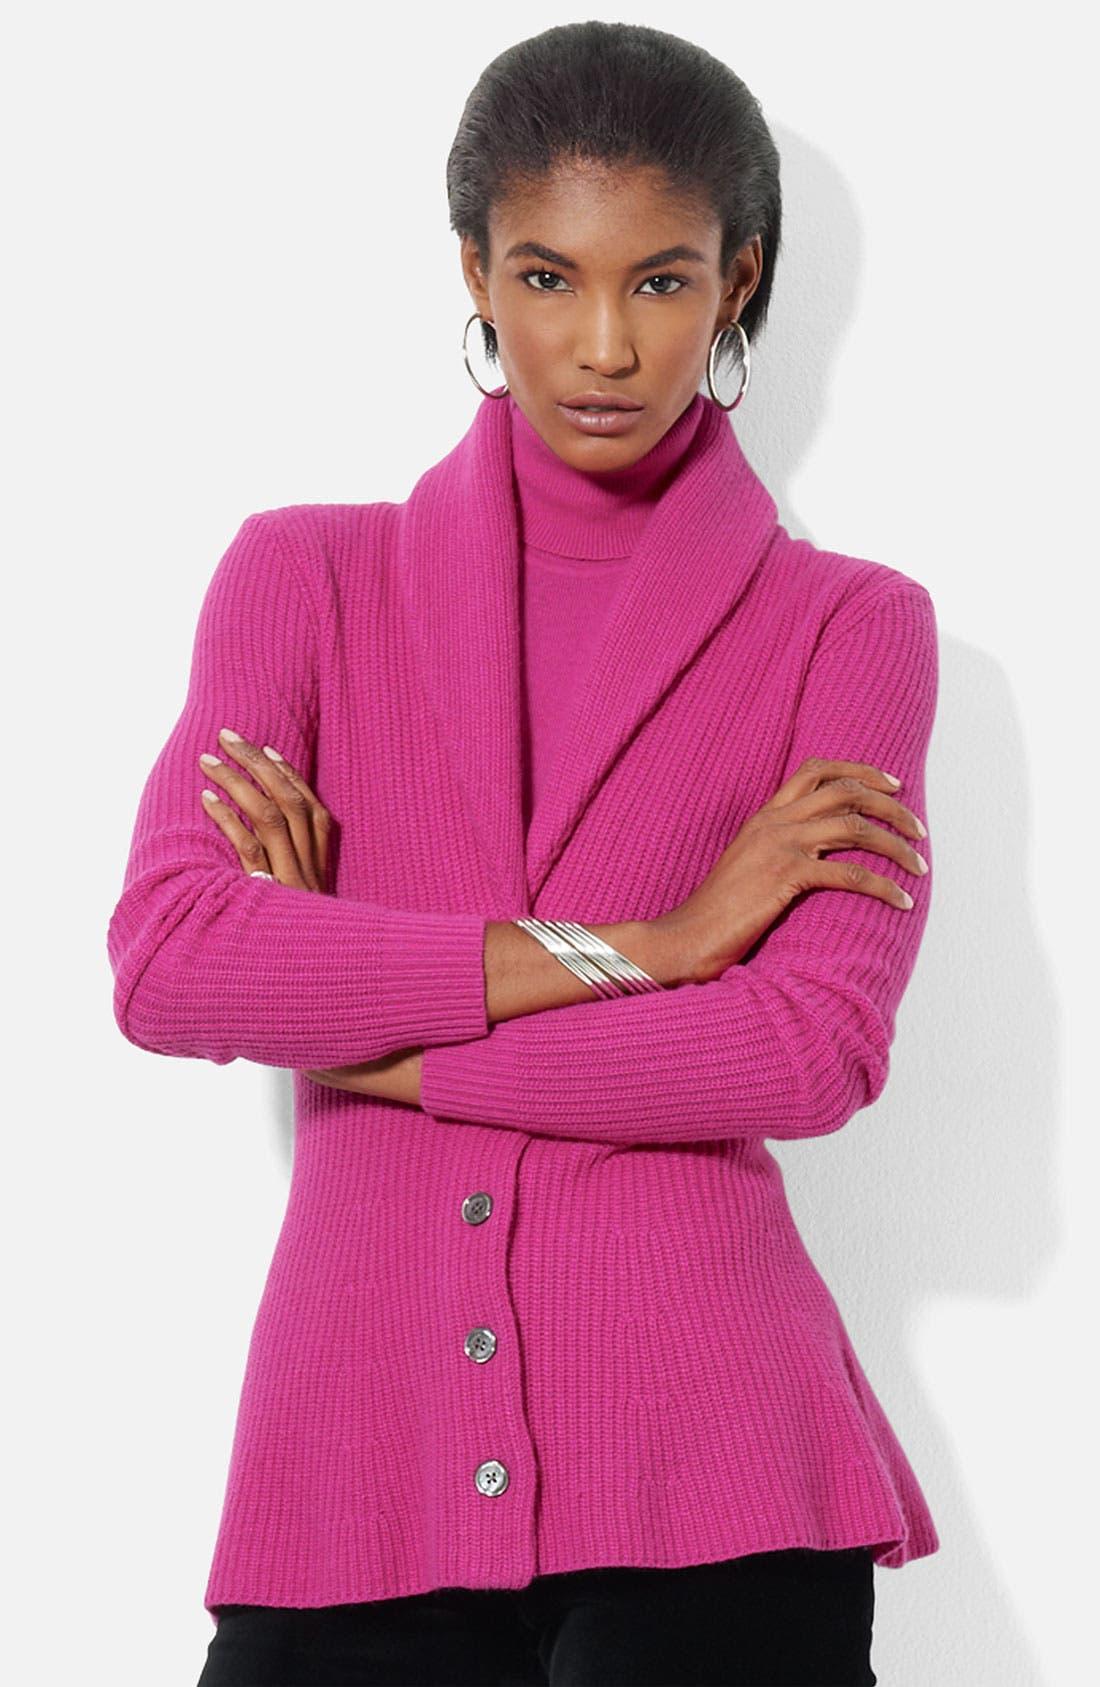 Alternate Image 1 Selected - Lauren Ralph Lauren Shawl Collar Peplum Cardigan (Petite) (Online Exclusive)